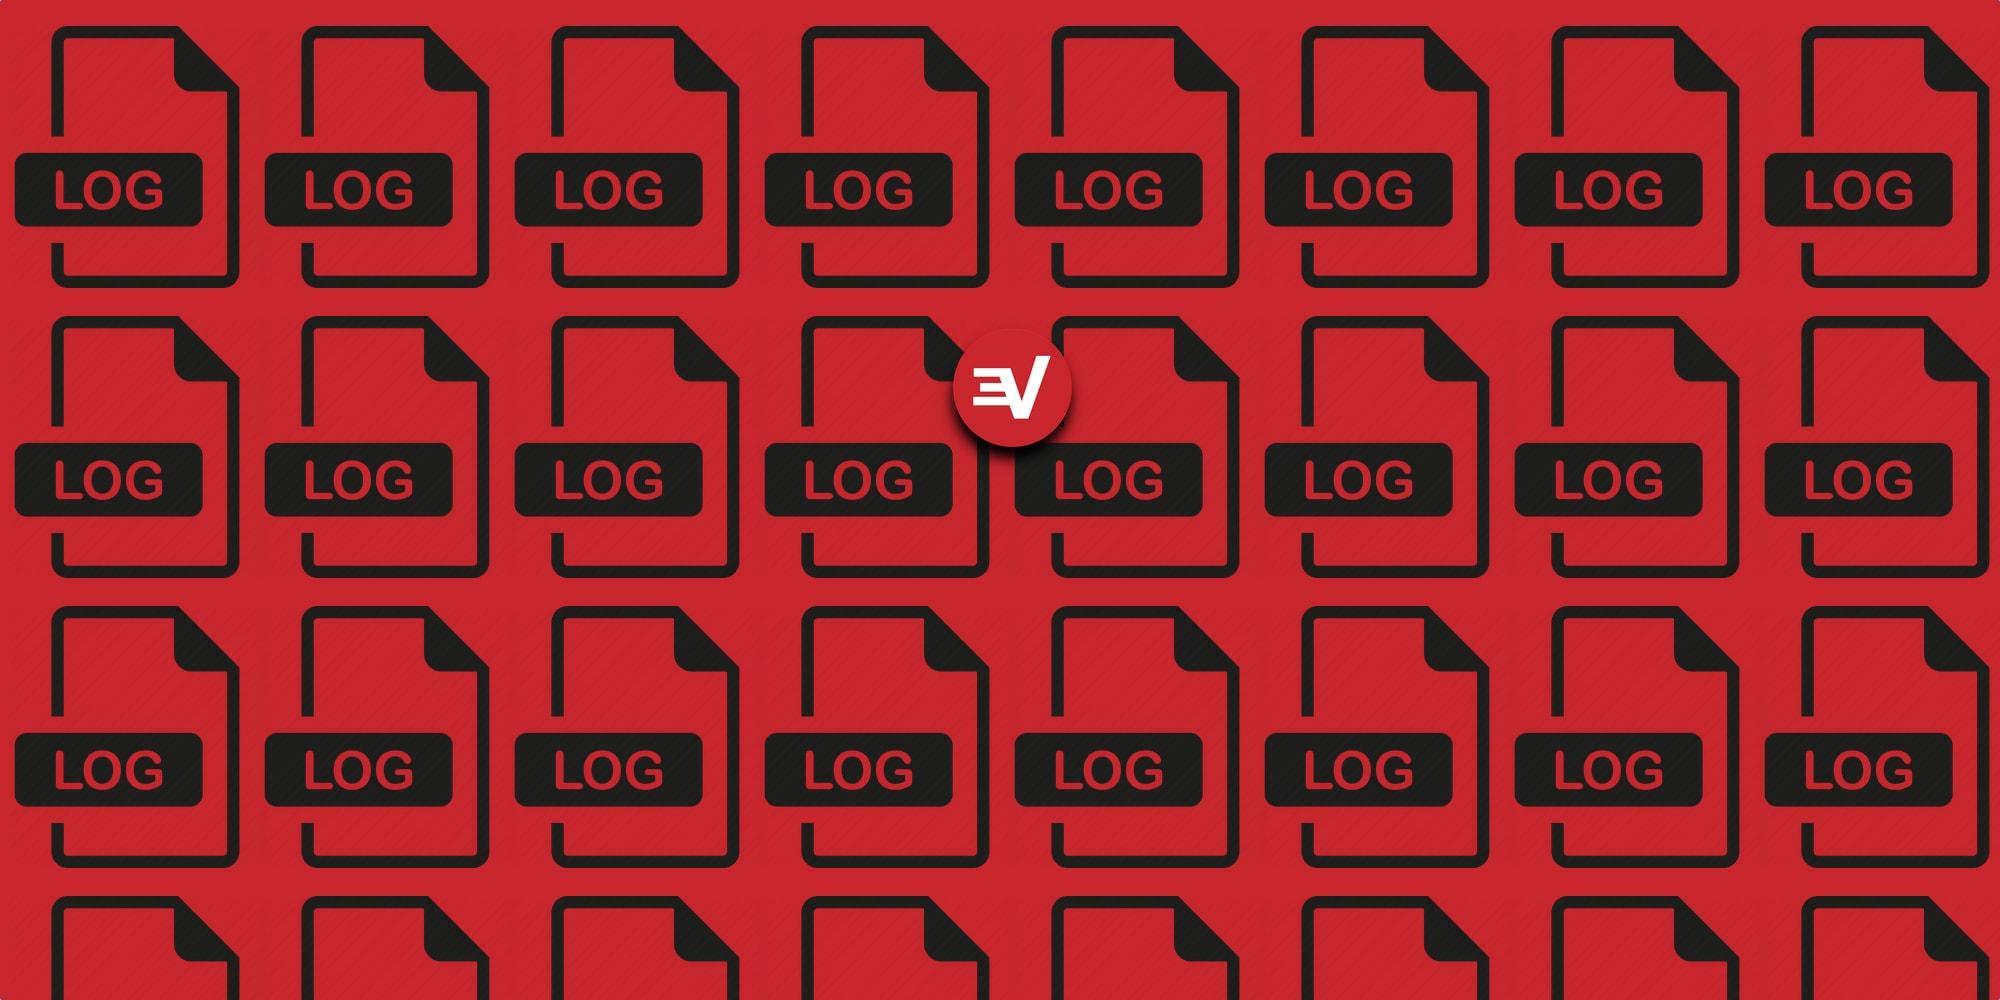 ExpressVPN Logs Featured